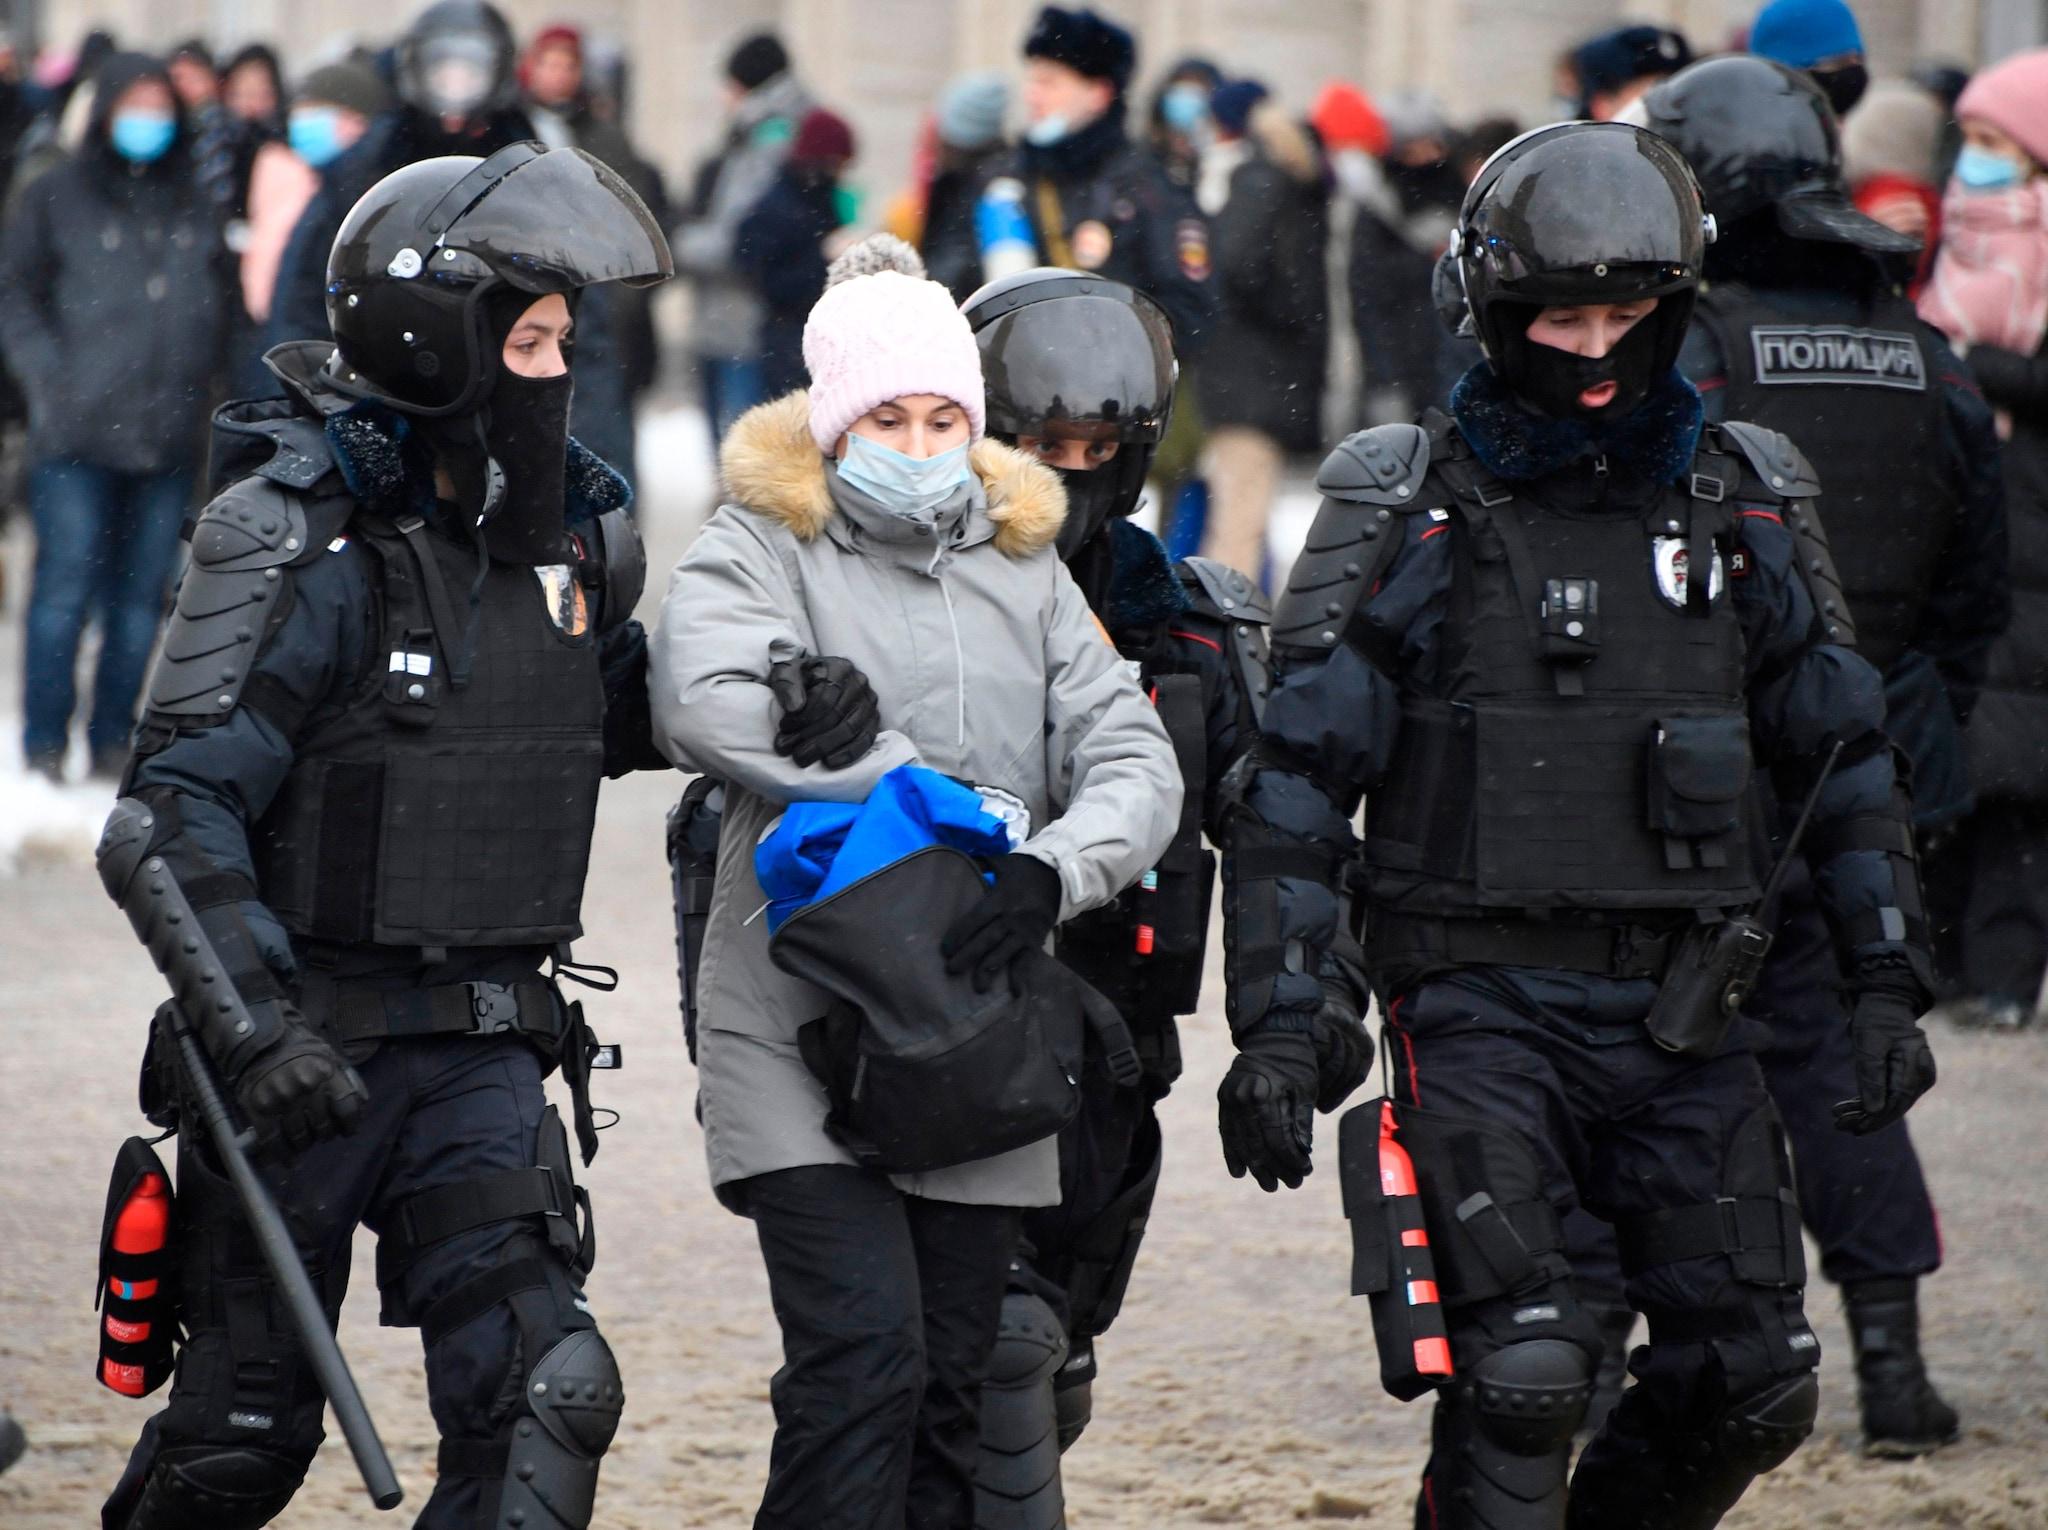 La polizia trattiene una donna durante una manifestazione a sostegno del leader dell'opposizione in carcere Alexei Navalny a Mosca il 31 gennaio 2021. - Navalny, 44 anni, è stato arrestato il 17 gennaio dopo essere tornato a Mosca dopo cinque mesi in Germania per riprendersi da un avvelenamento quasi fatale con un agente nervino e successivamente imprigionato per 30 giorni in attesa del processo per aver violato una condanna sospesa che gli è stato consegnato nel 2014. (Photo by Alexander NEMENOV / AFP)